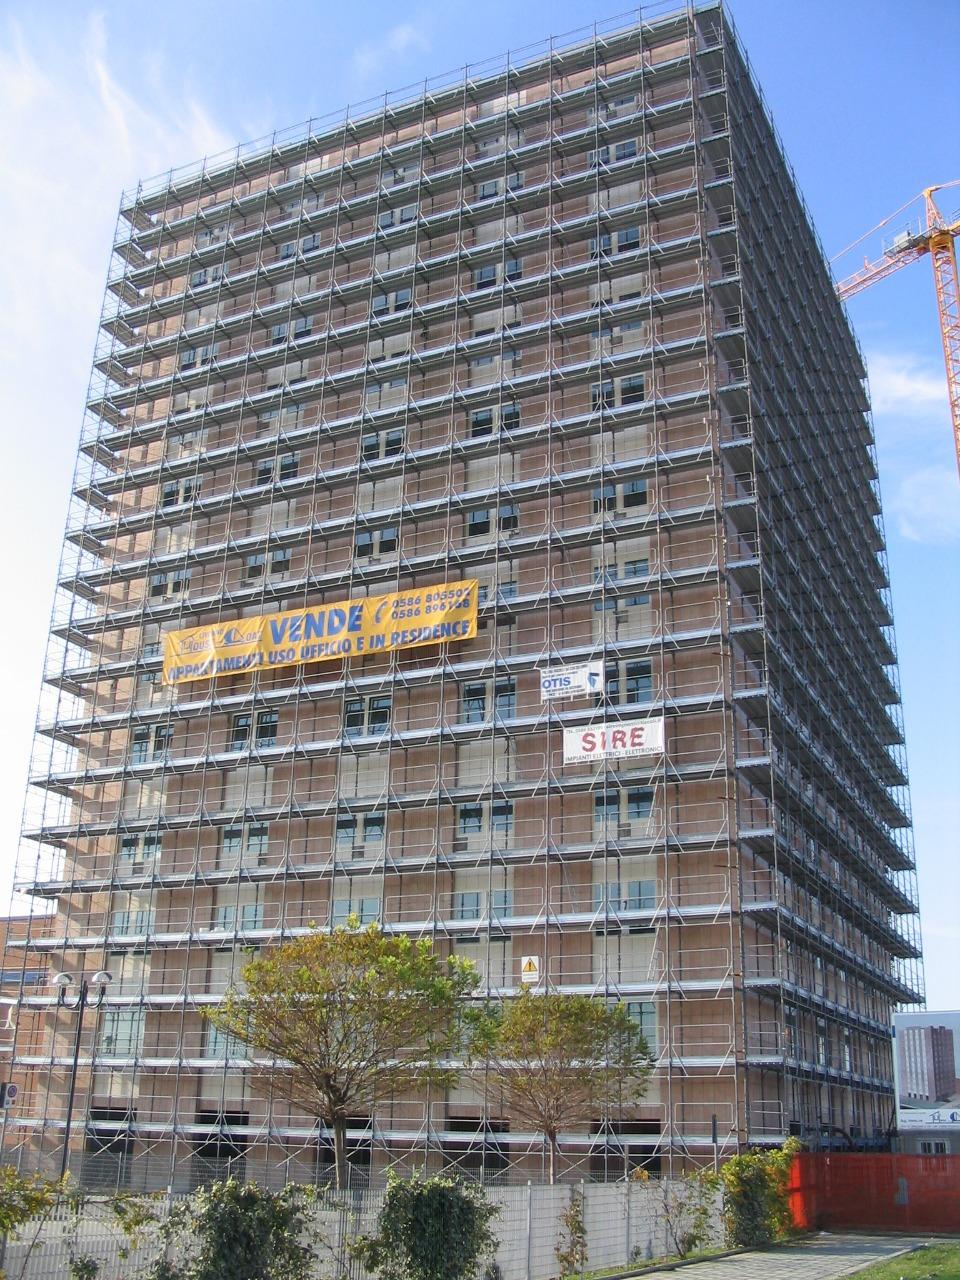 Gallery foto n.1 PHZ 105 - Construction d'un bâtiment multifonction